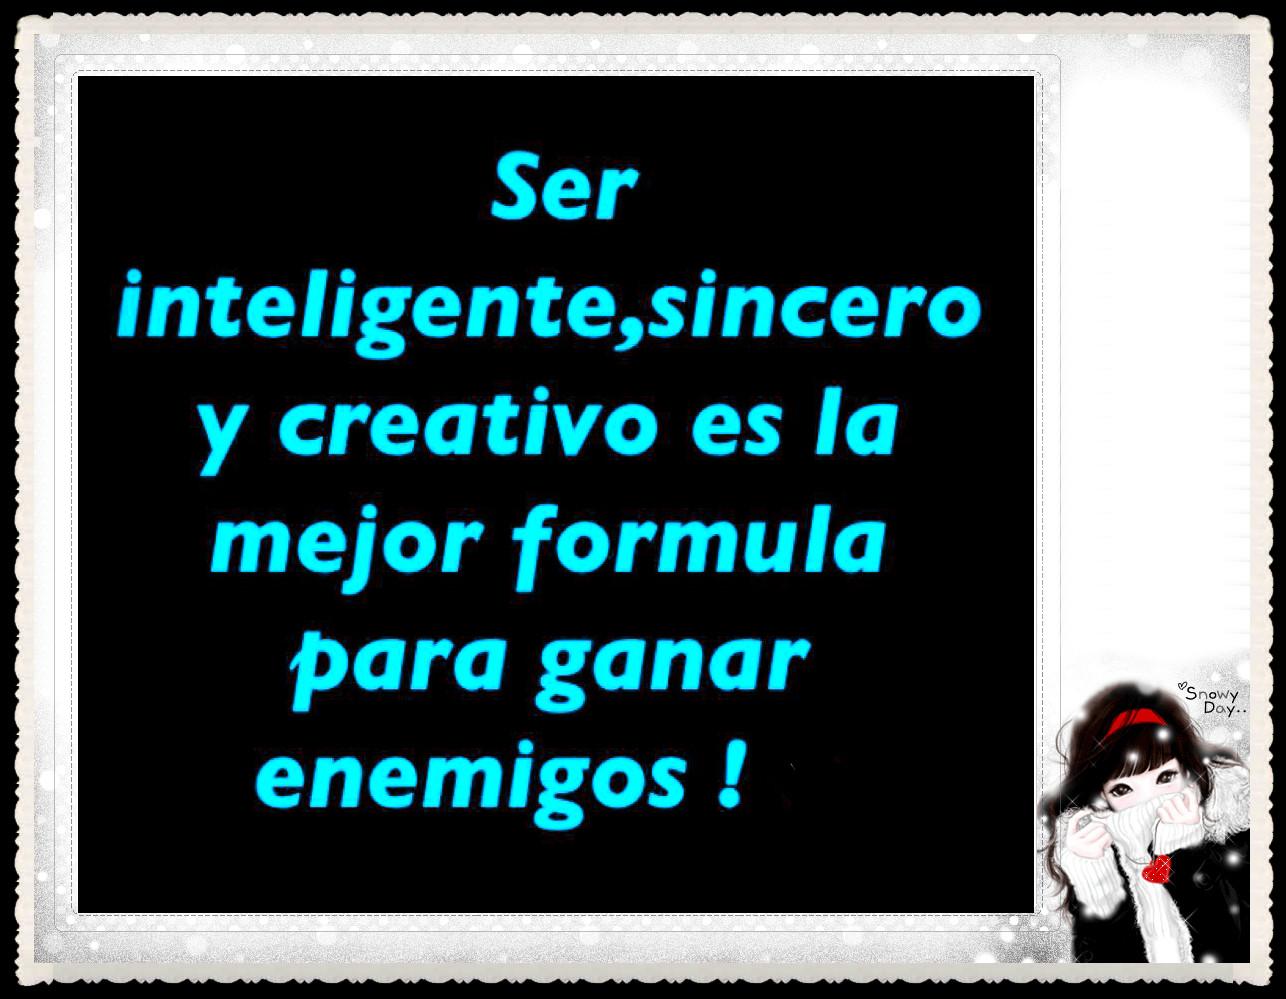 Frases bonitas para facebook 1 fannyjemwongs blog frases bonitas para facebook 1 altavistaventures Choice Image